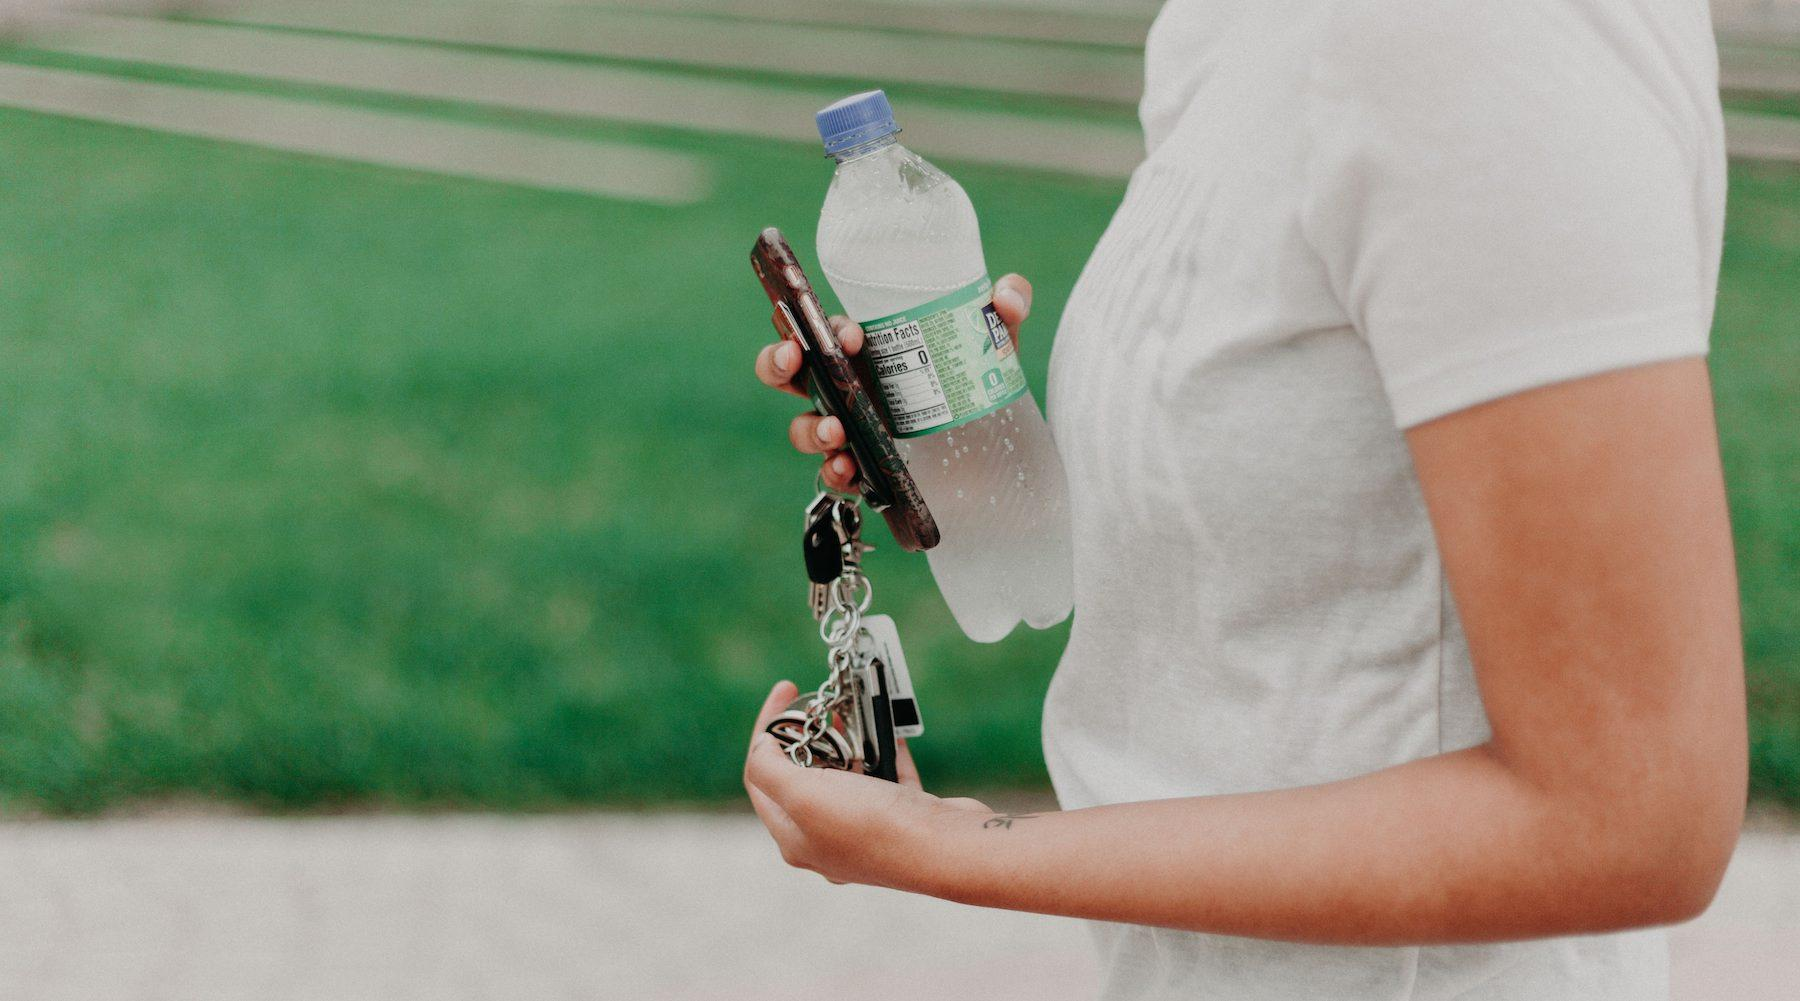 water_bottle_car_fire-1532097347724-1532097350008.jpg